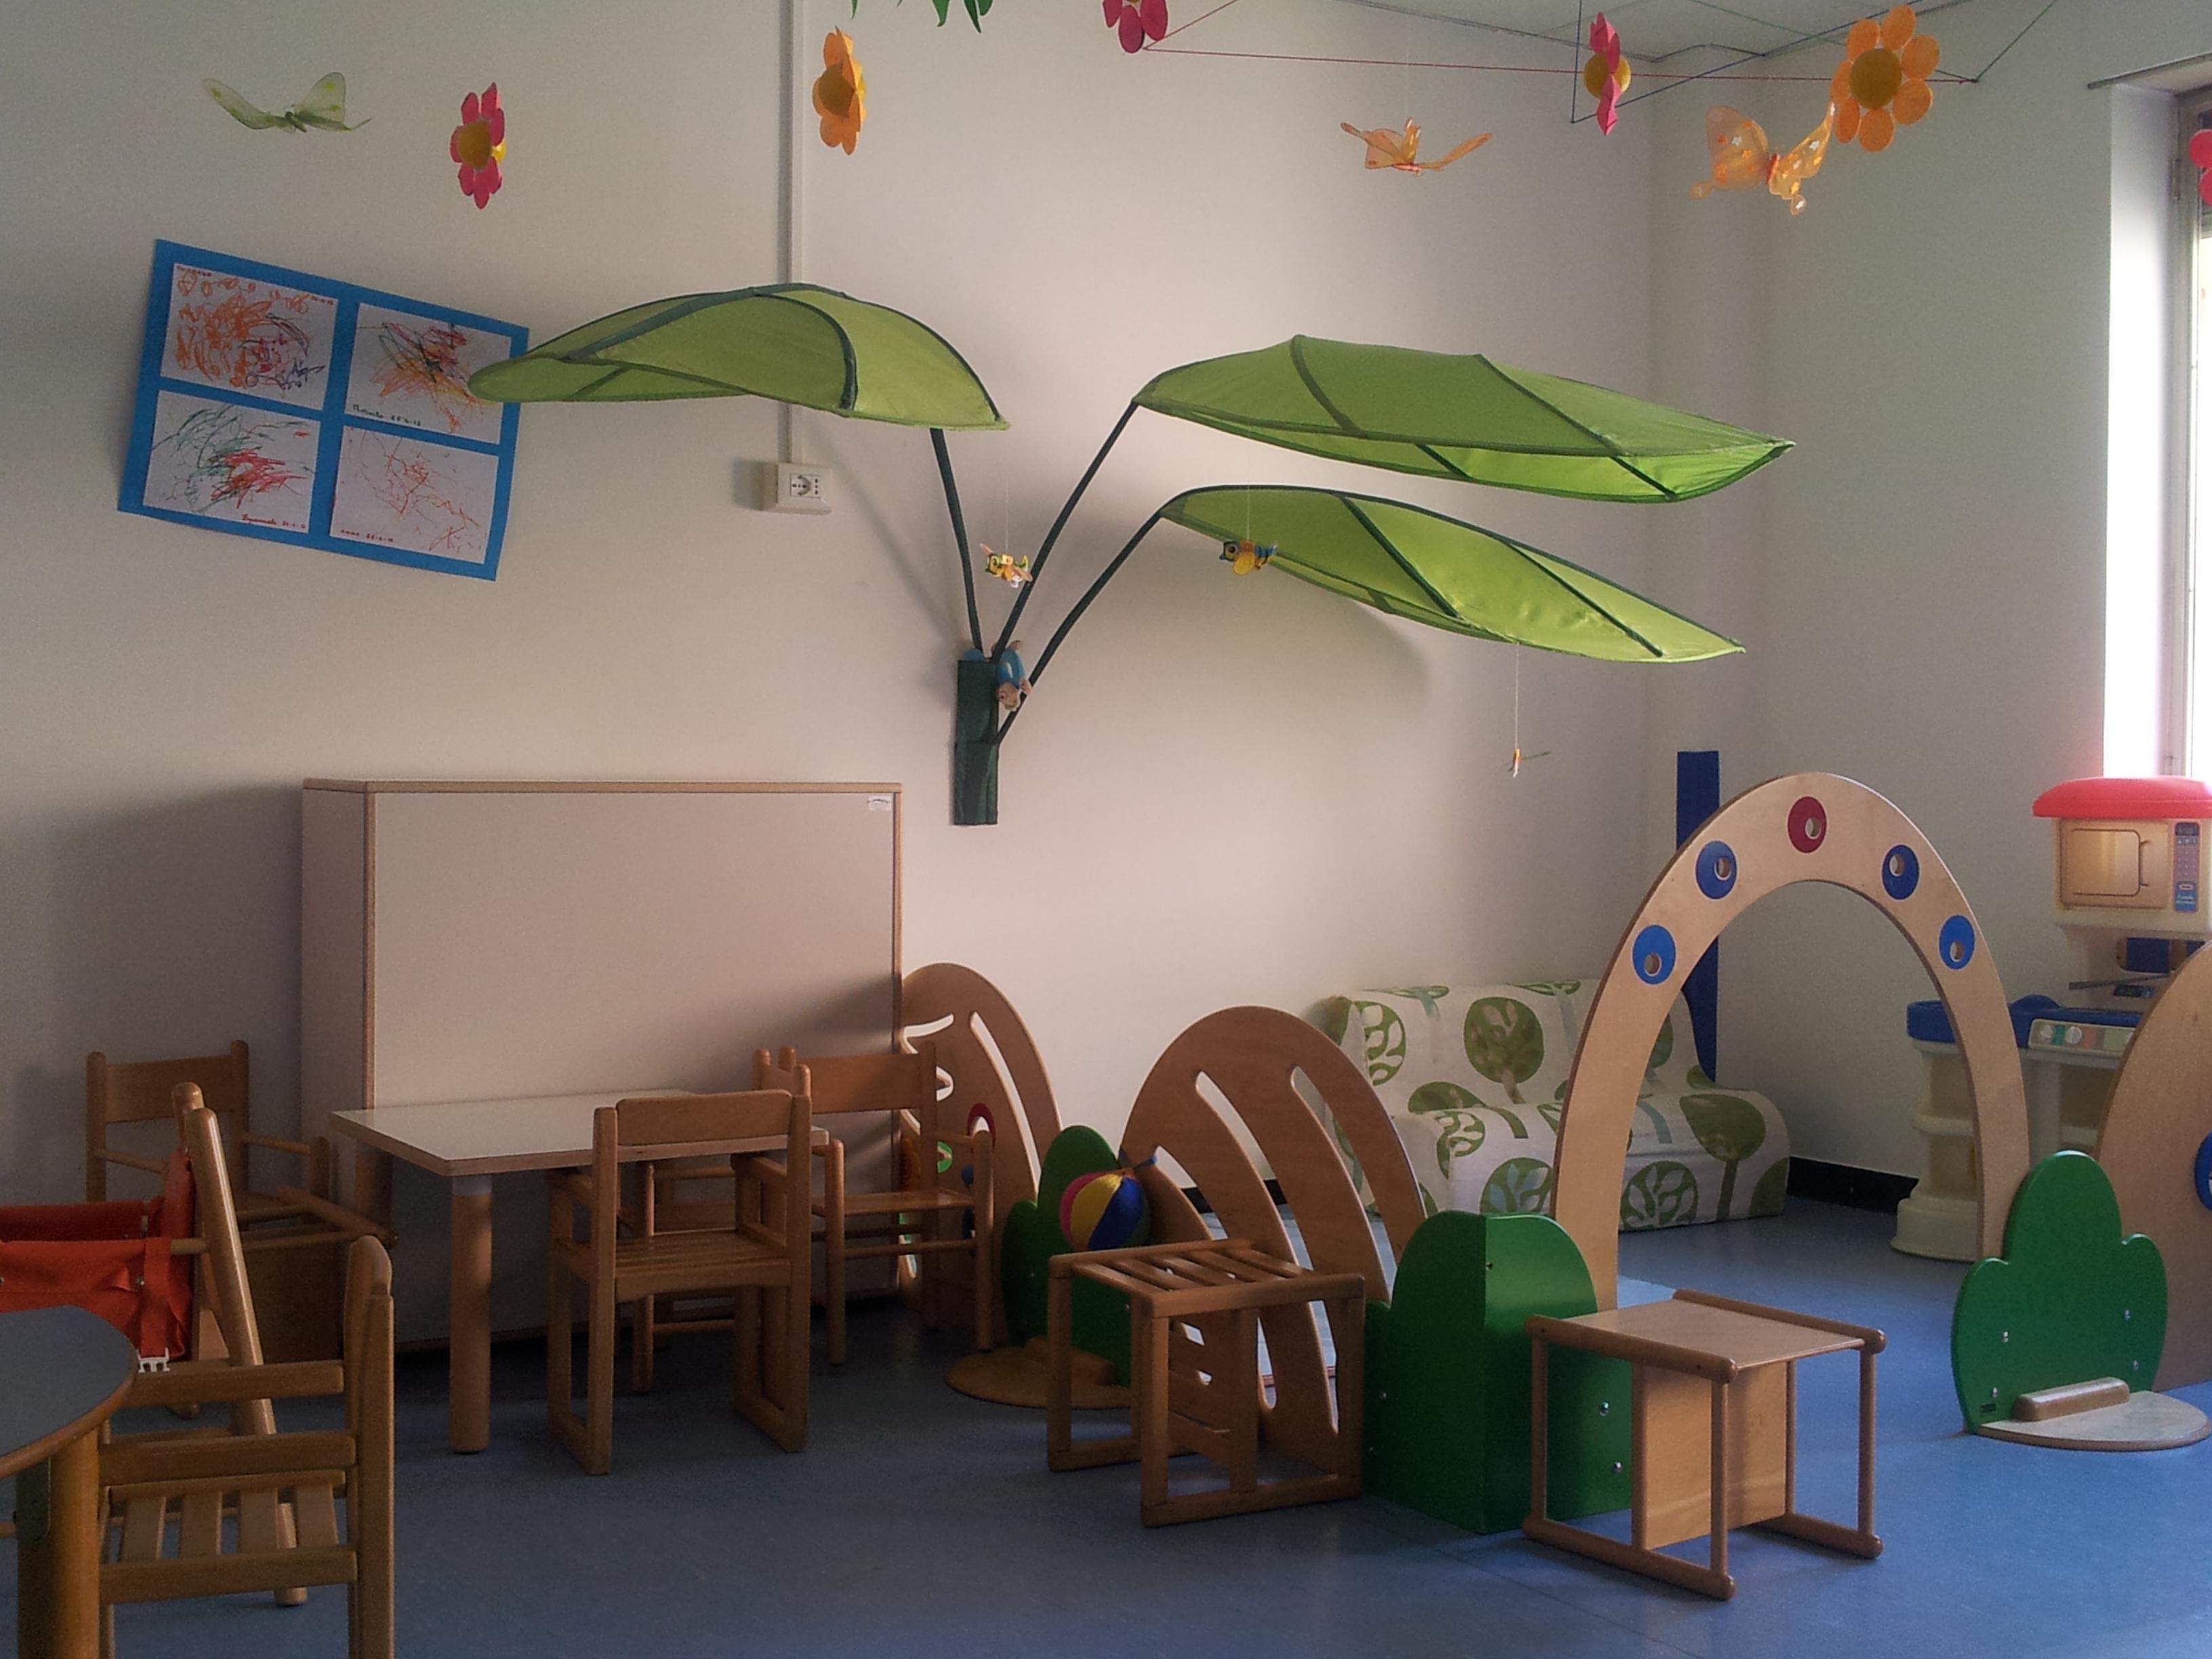 Progetti Esterni Scuola Primaria : Scuola infanzia di apricale u istituto comprensivo della val nervia